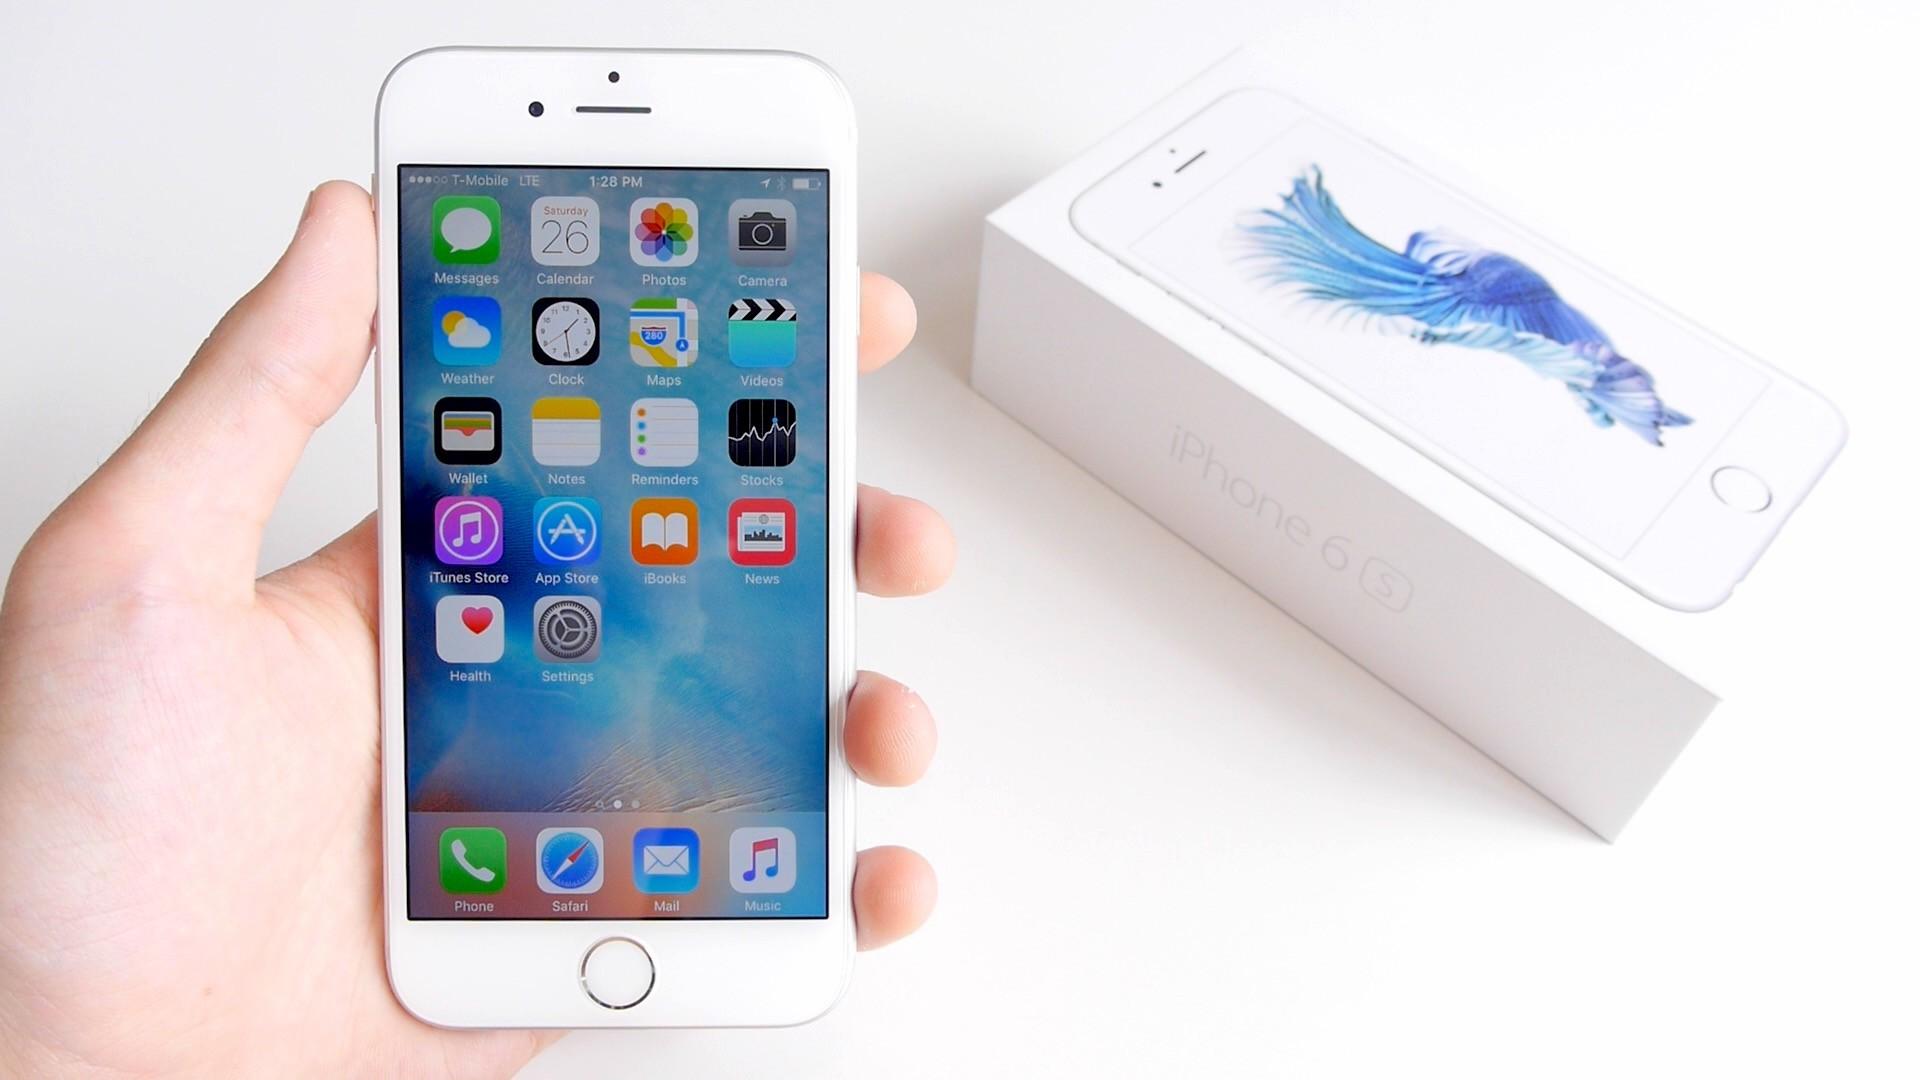 iphone 6s 1 - Tổng hợp 5 ứng dụng hay và miễn phí trên iOS ngày 24.12.2016